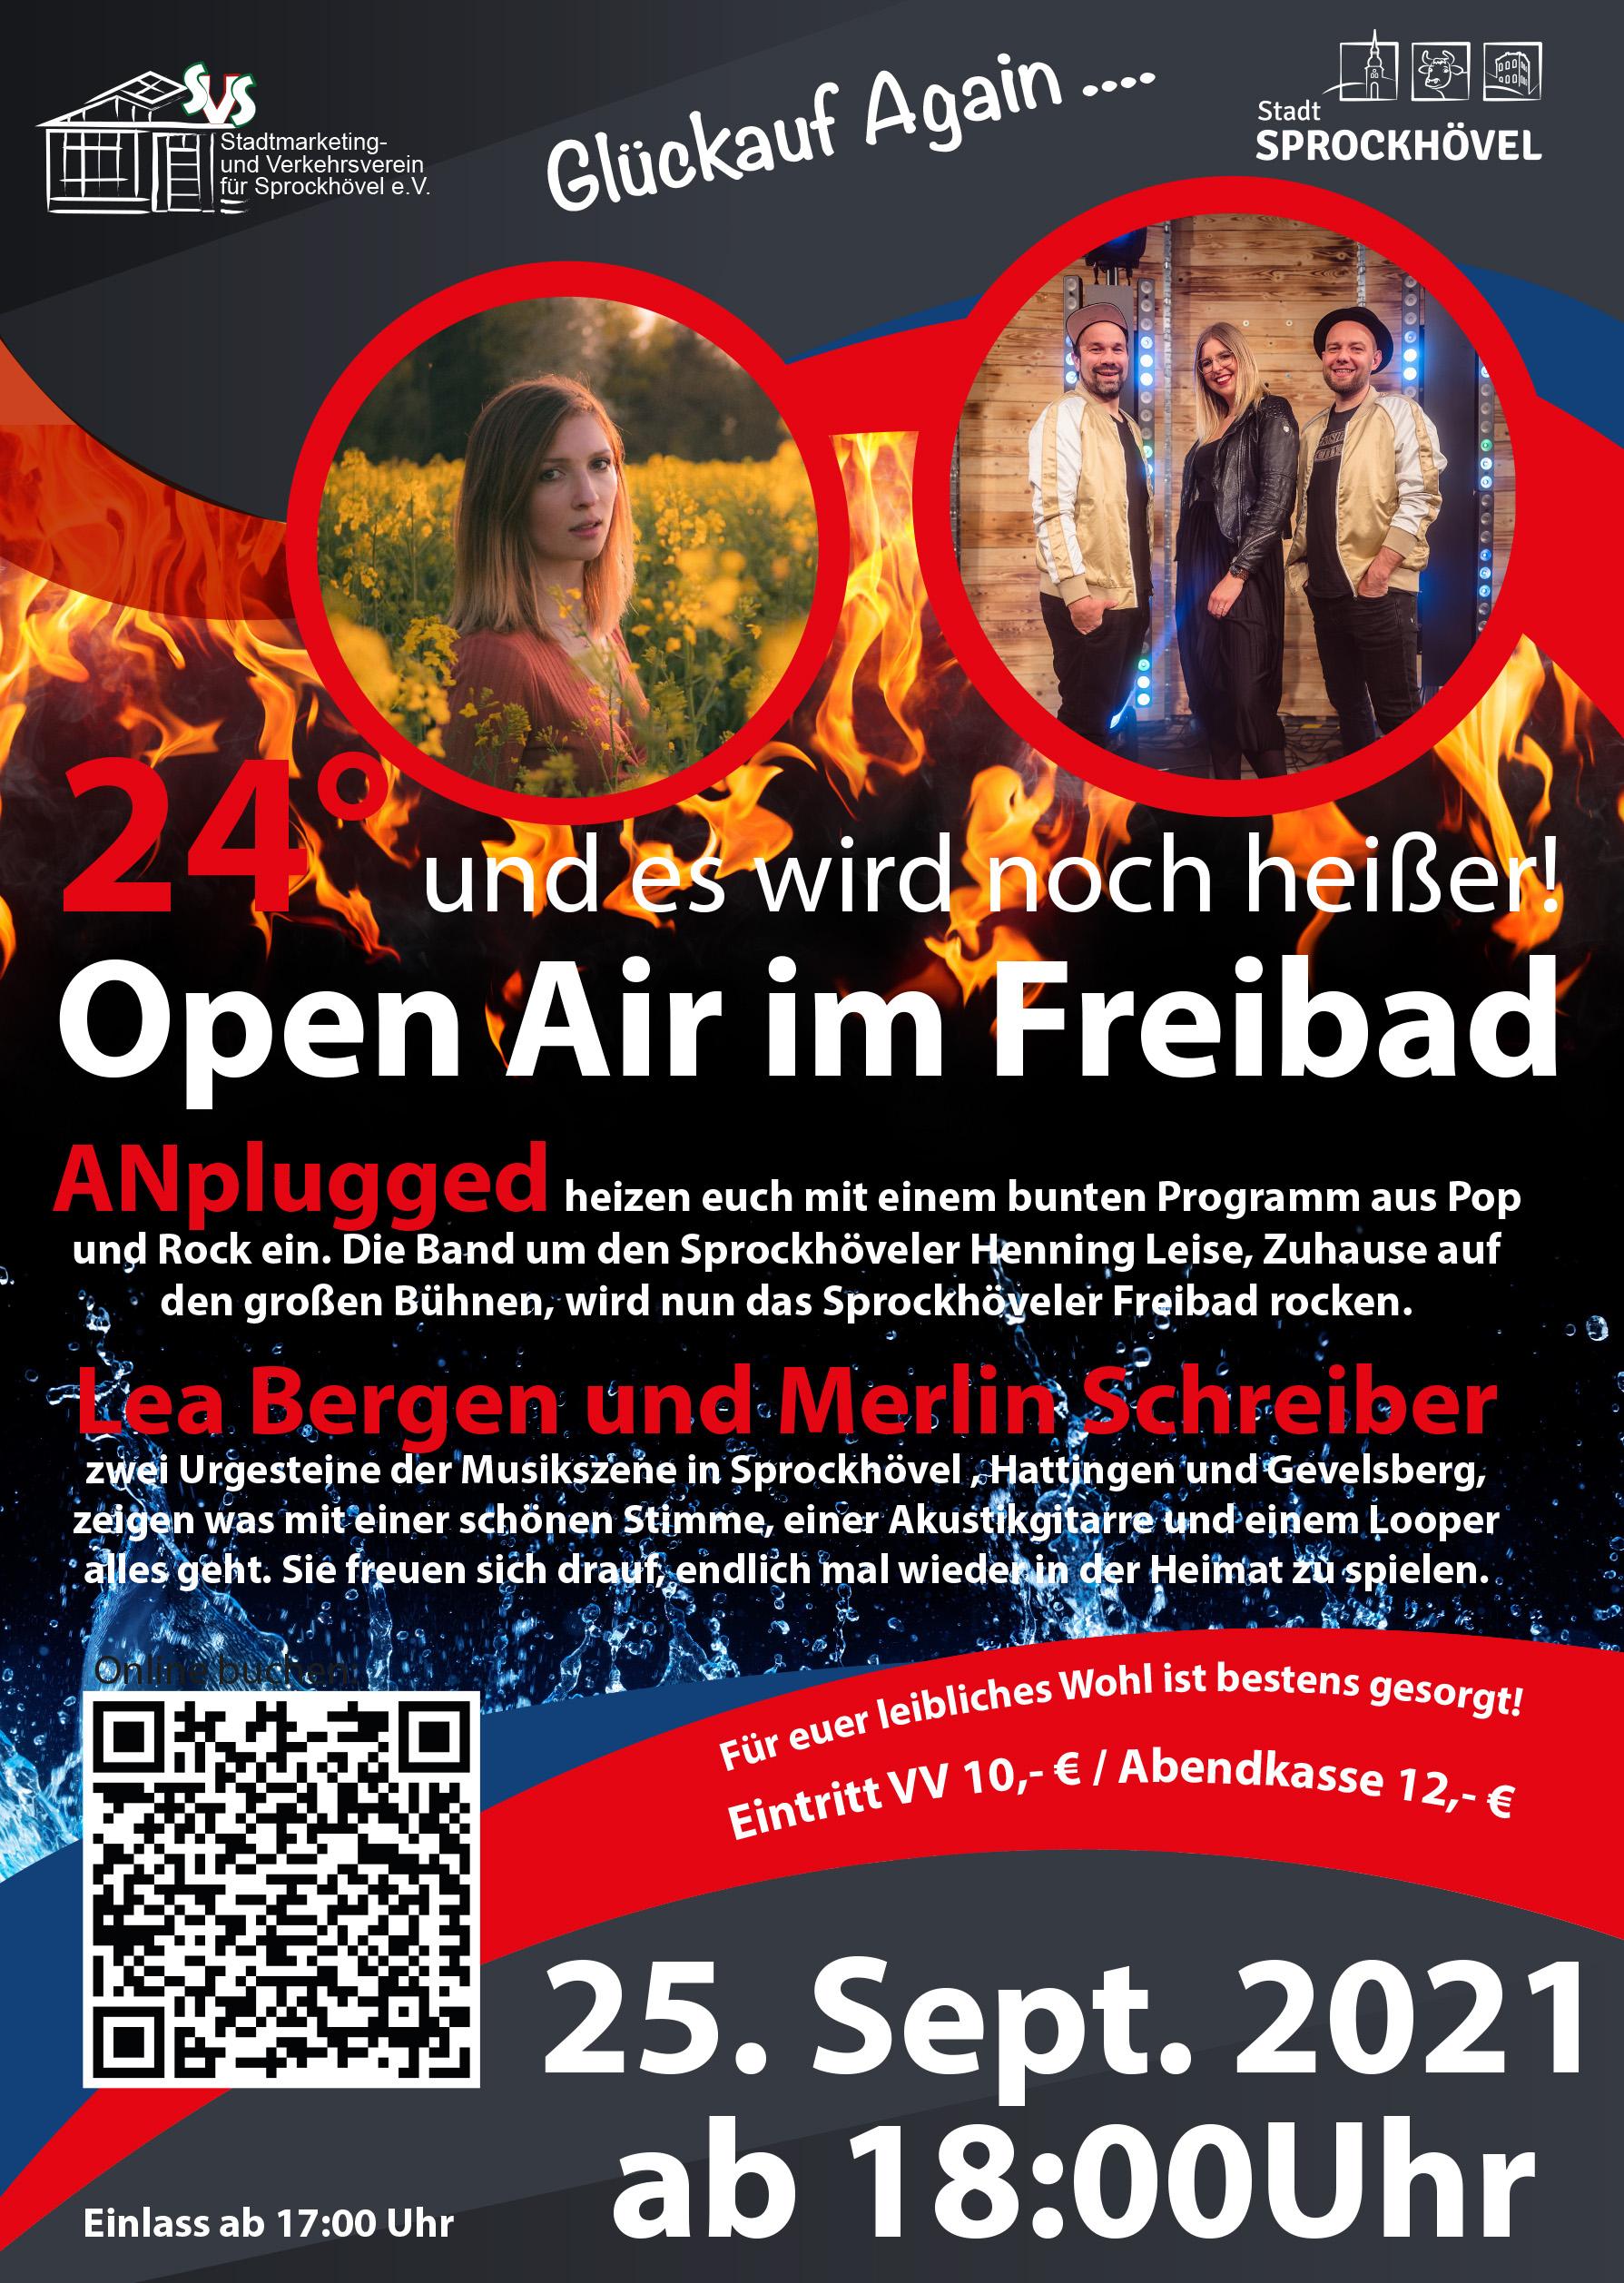 Freibad Open Air Musik Event am 24.9.